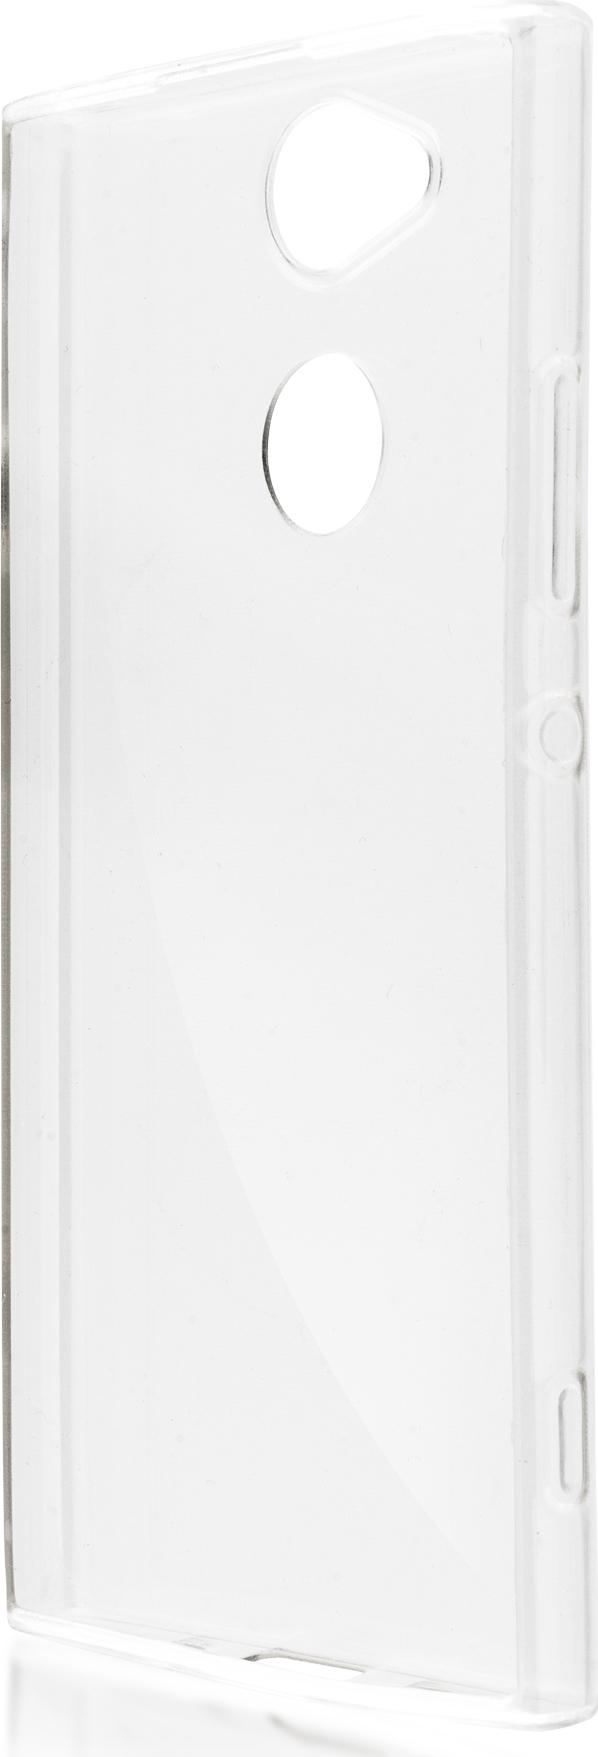 Чехол Brosco TPU для Sony Xperia XA2, прозрачный